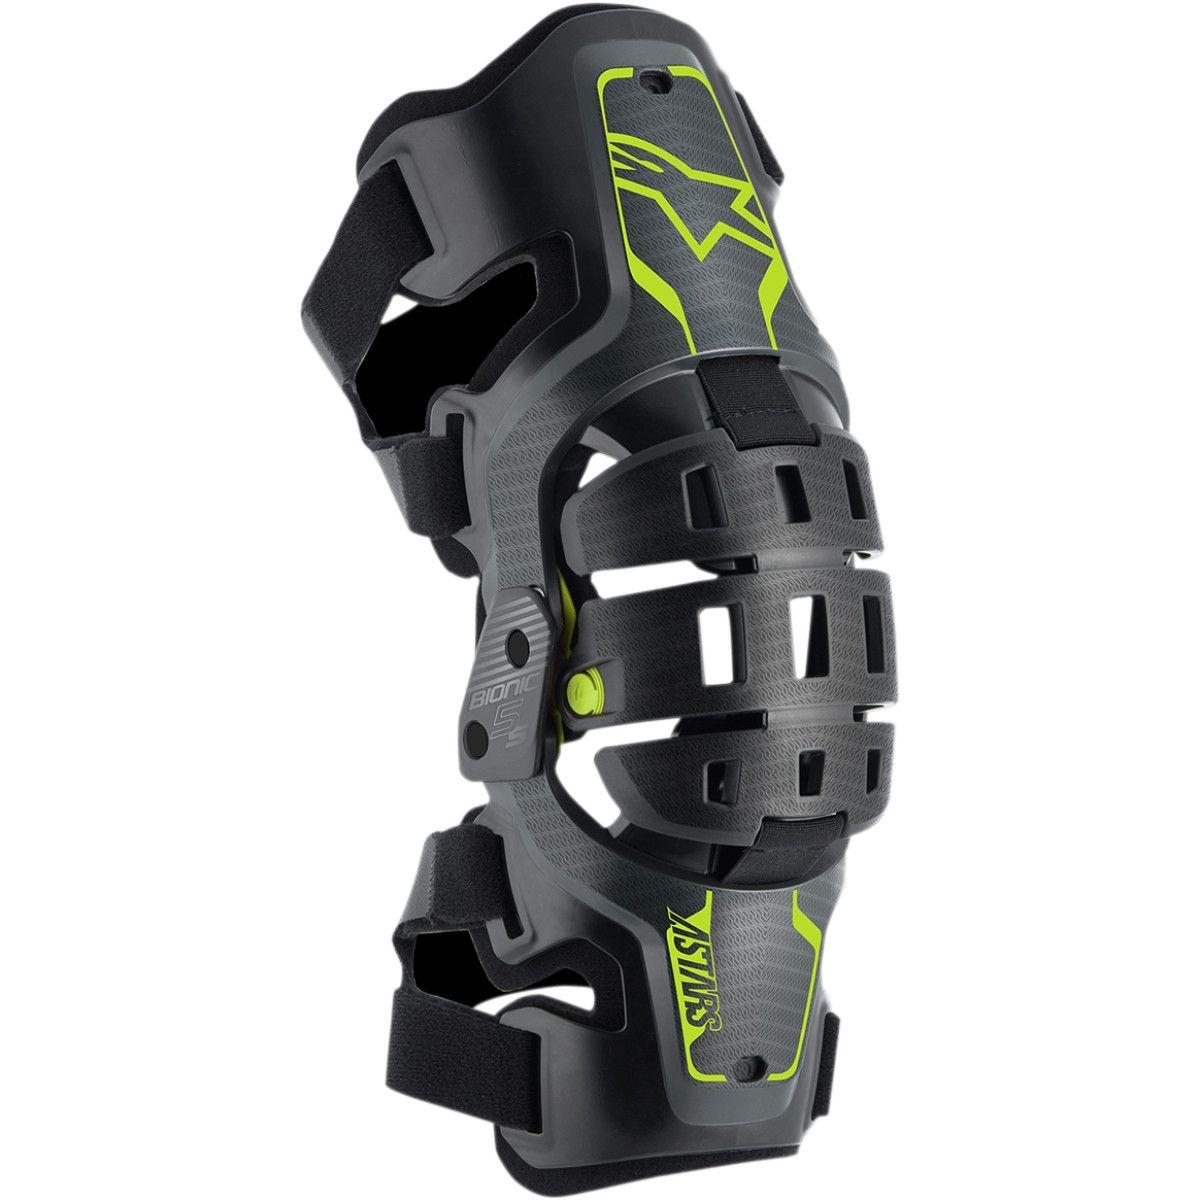 Alpinestars Bionic 5S Kinder Knee Brace Set (links en rechts)